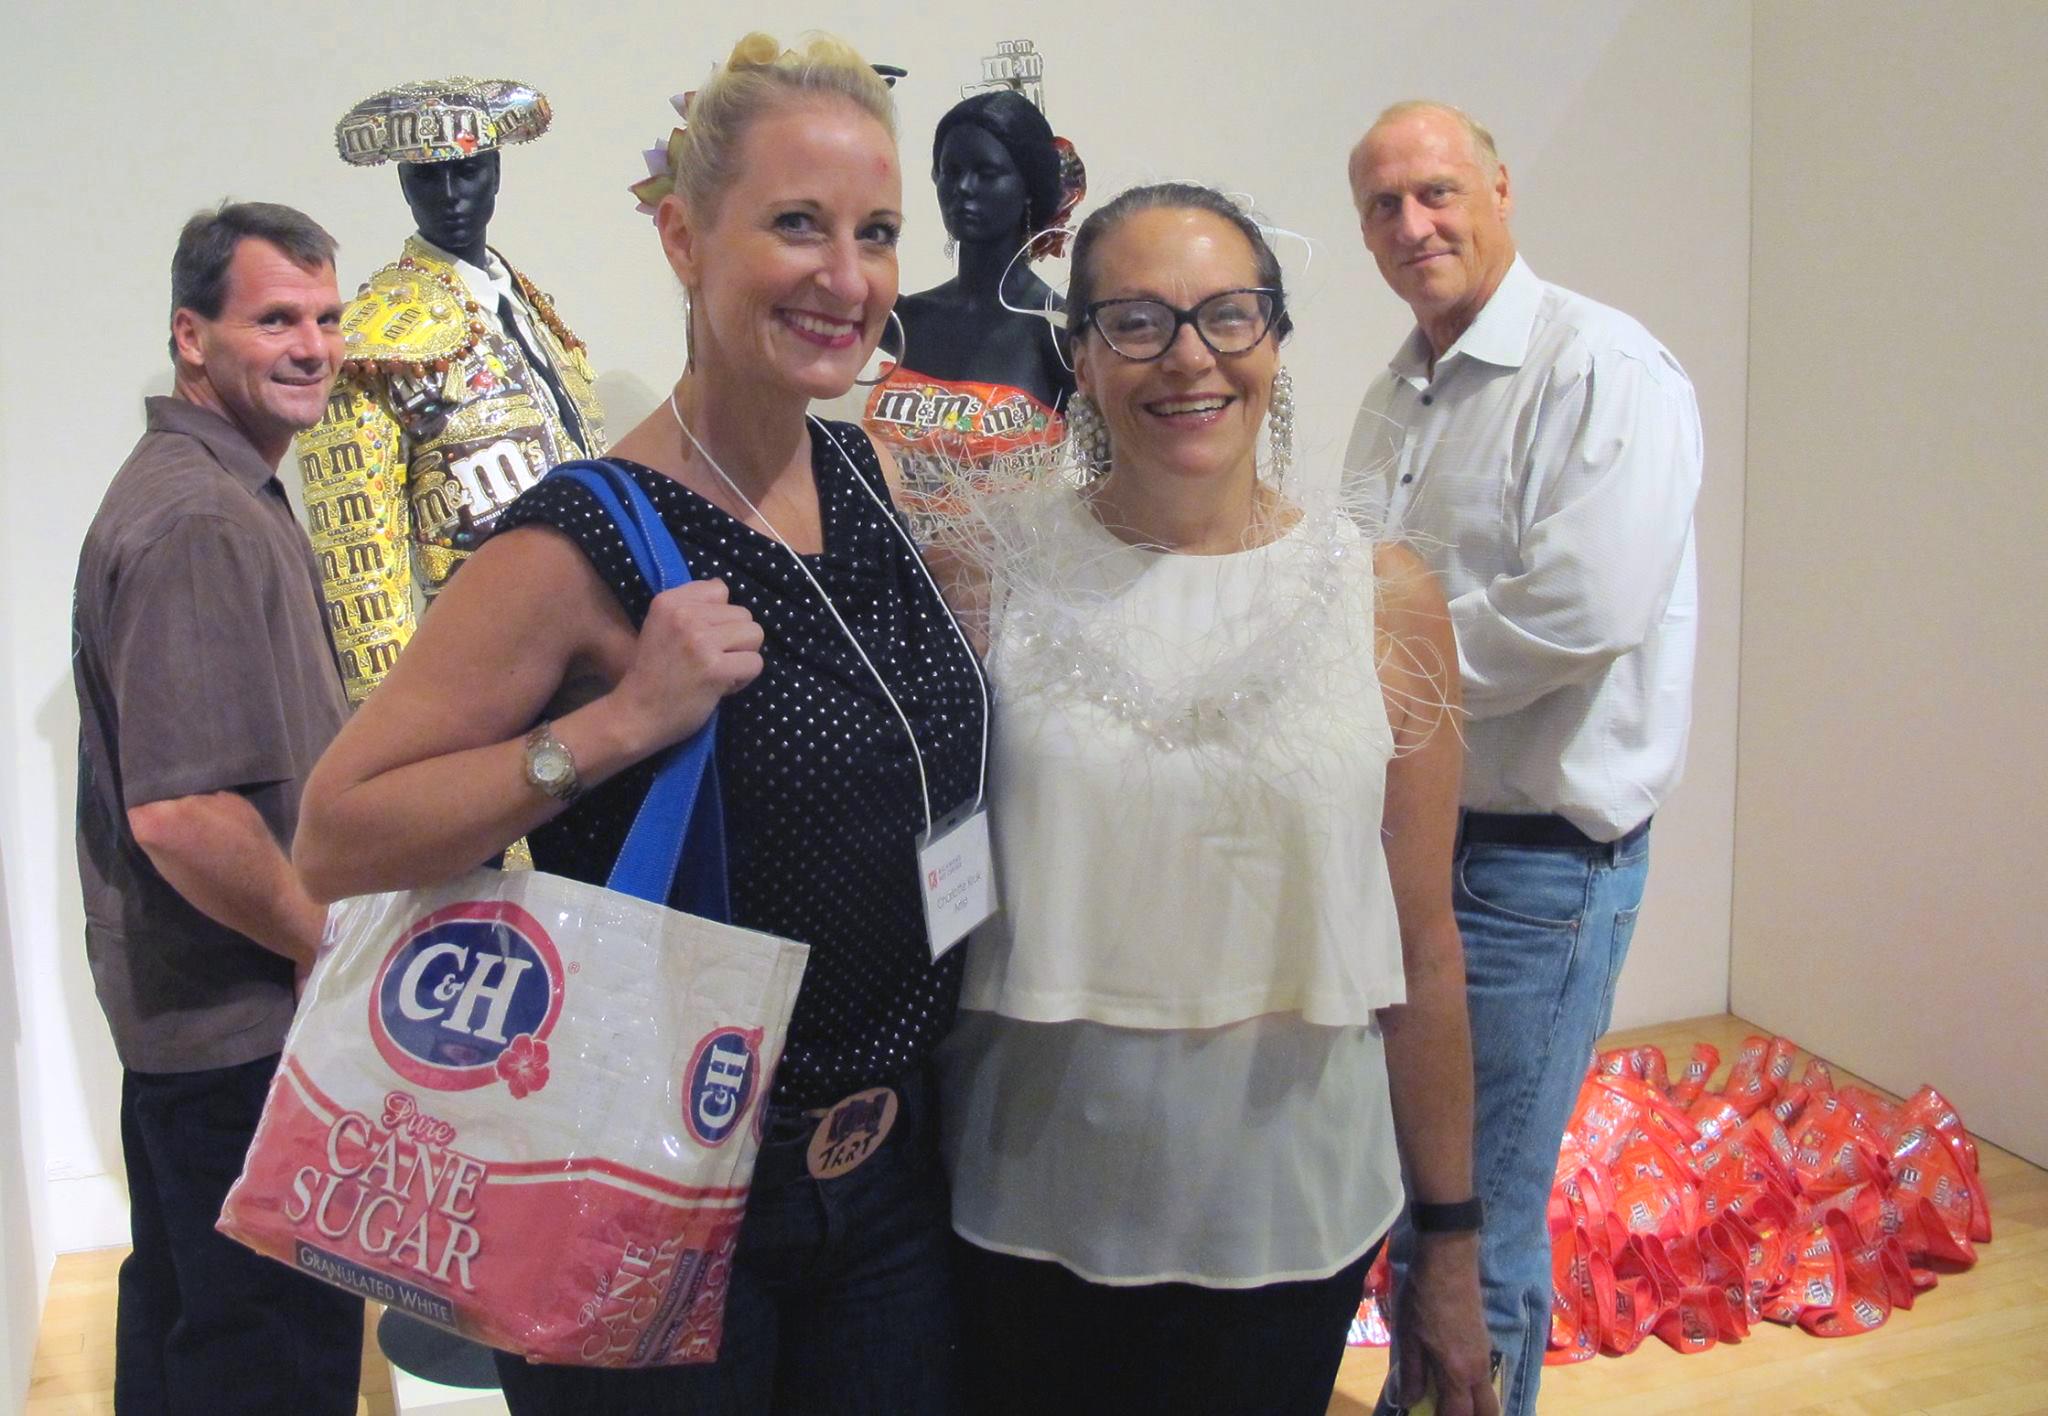 Charlotte Kruk (left) & Harriete Estel Berman at Richomond Art Center opening.